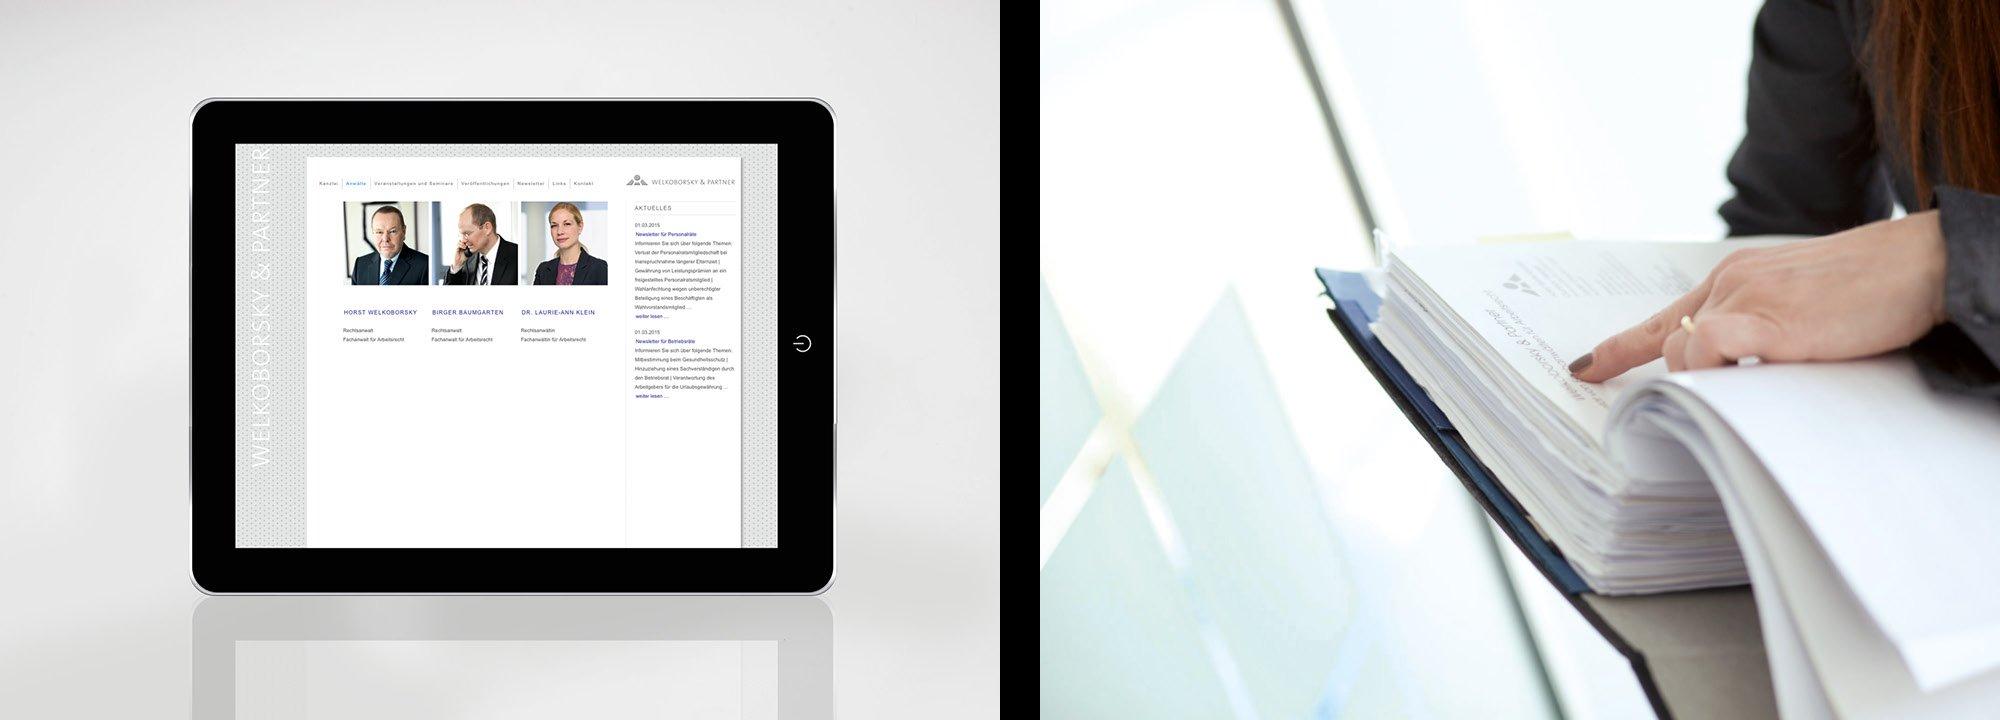 Corporate Design Relaunch Welkoborsky 2012